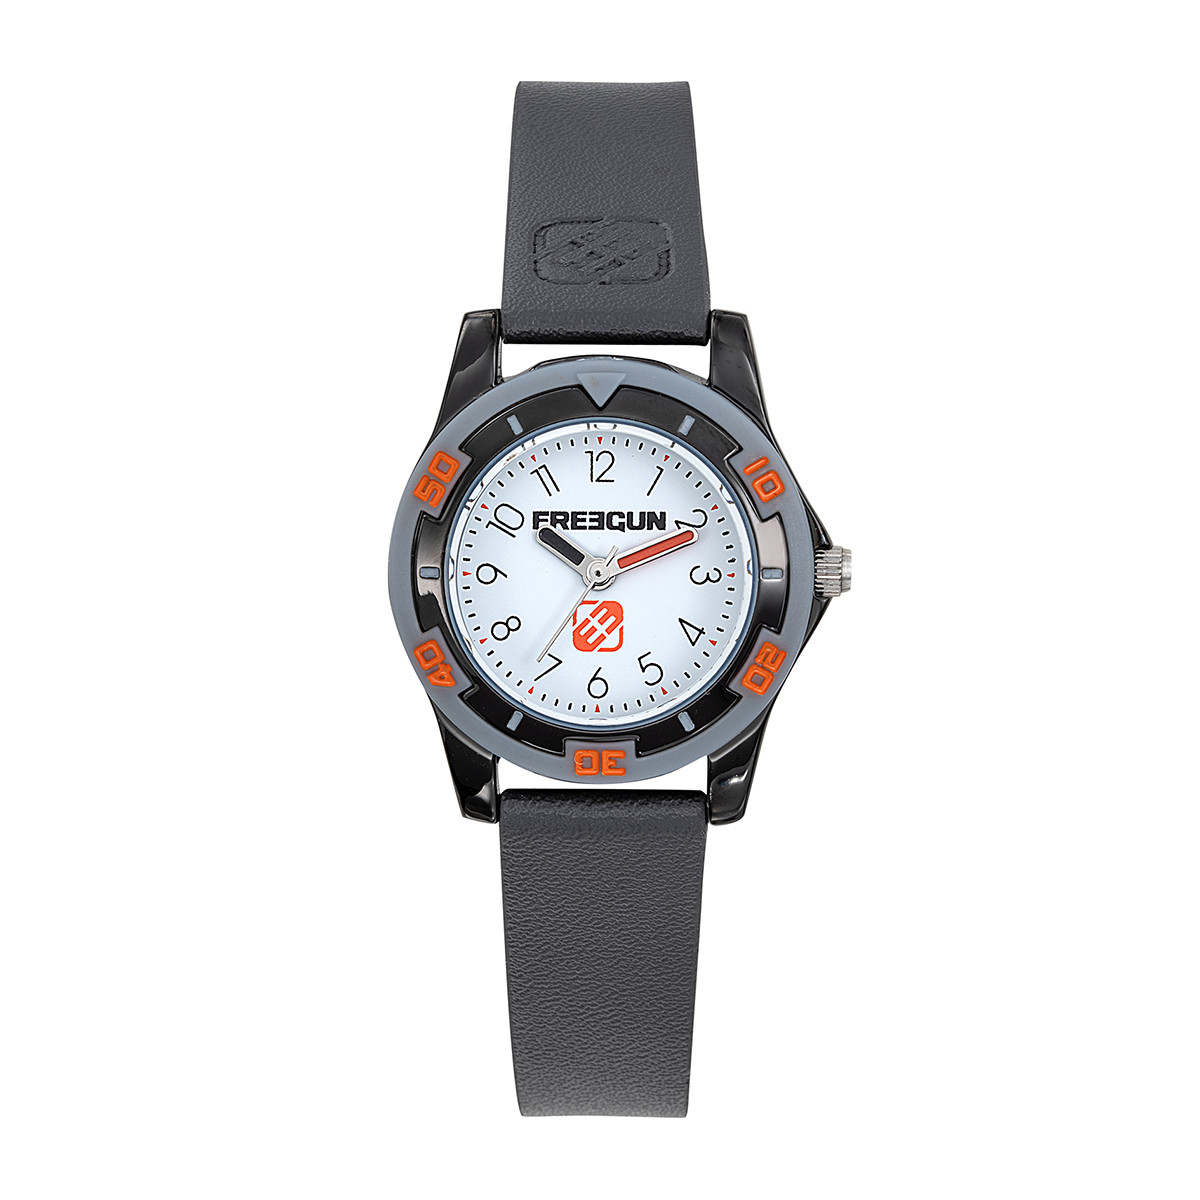 Montre Garçon Freegun Max Bracelet en cuir noir - EE5250